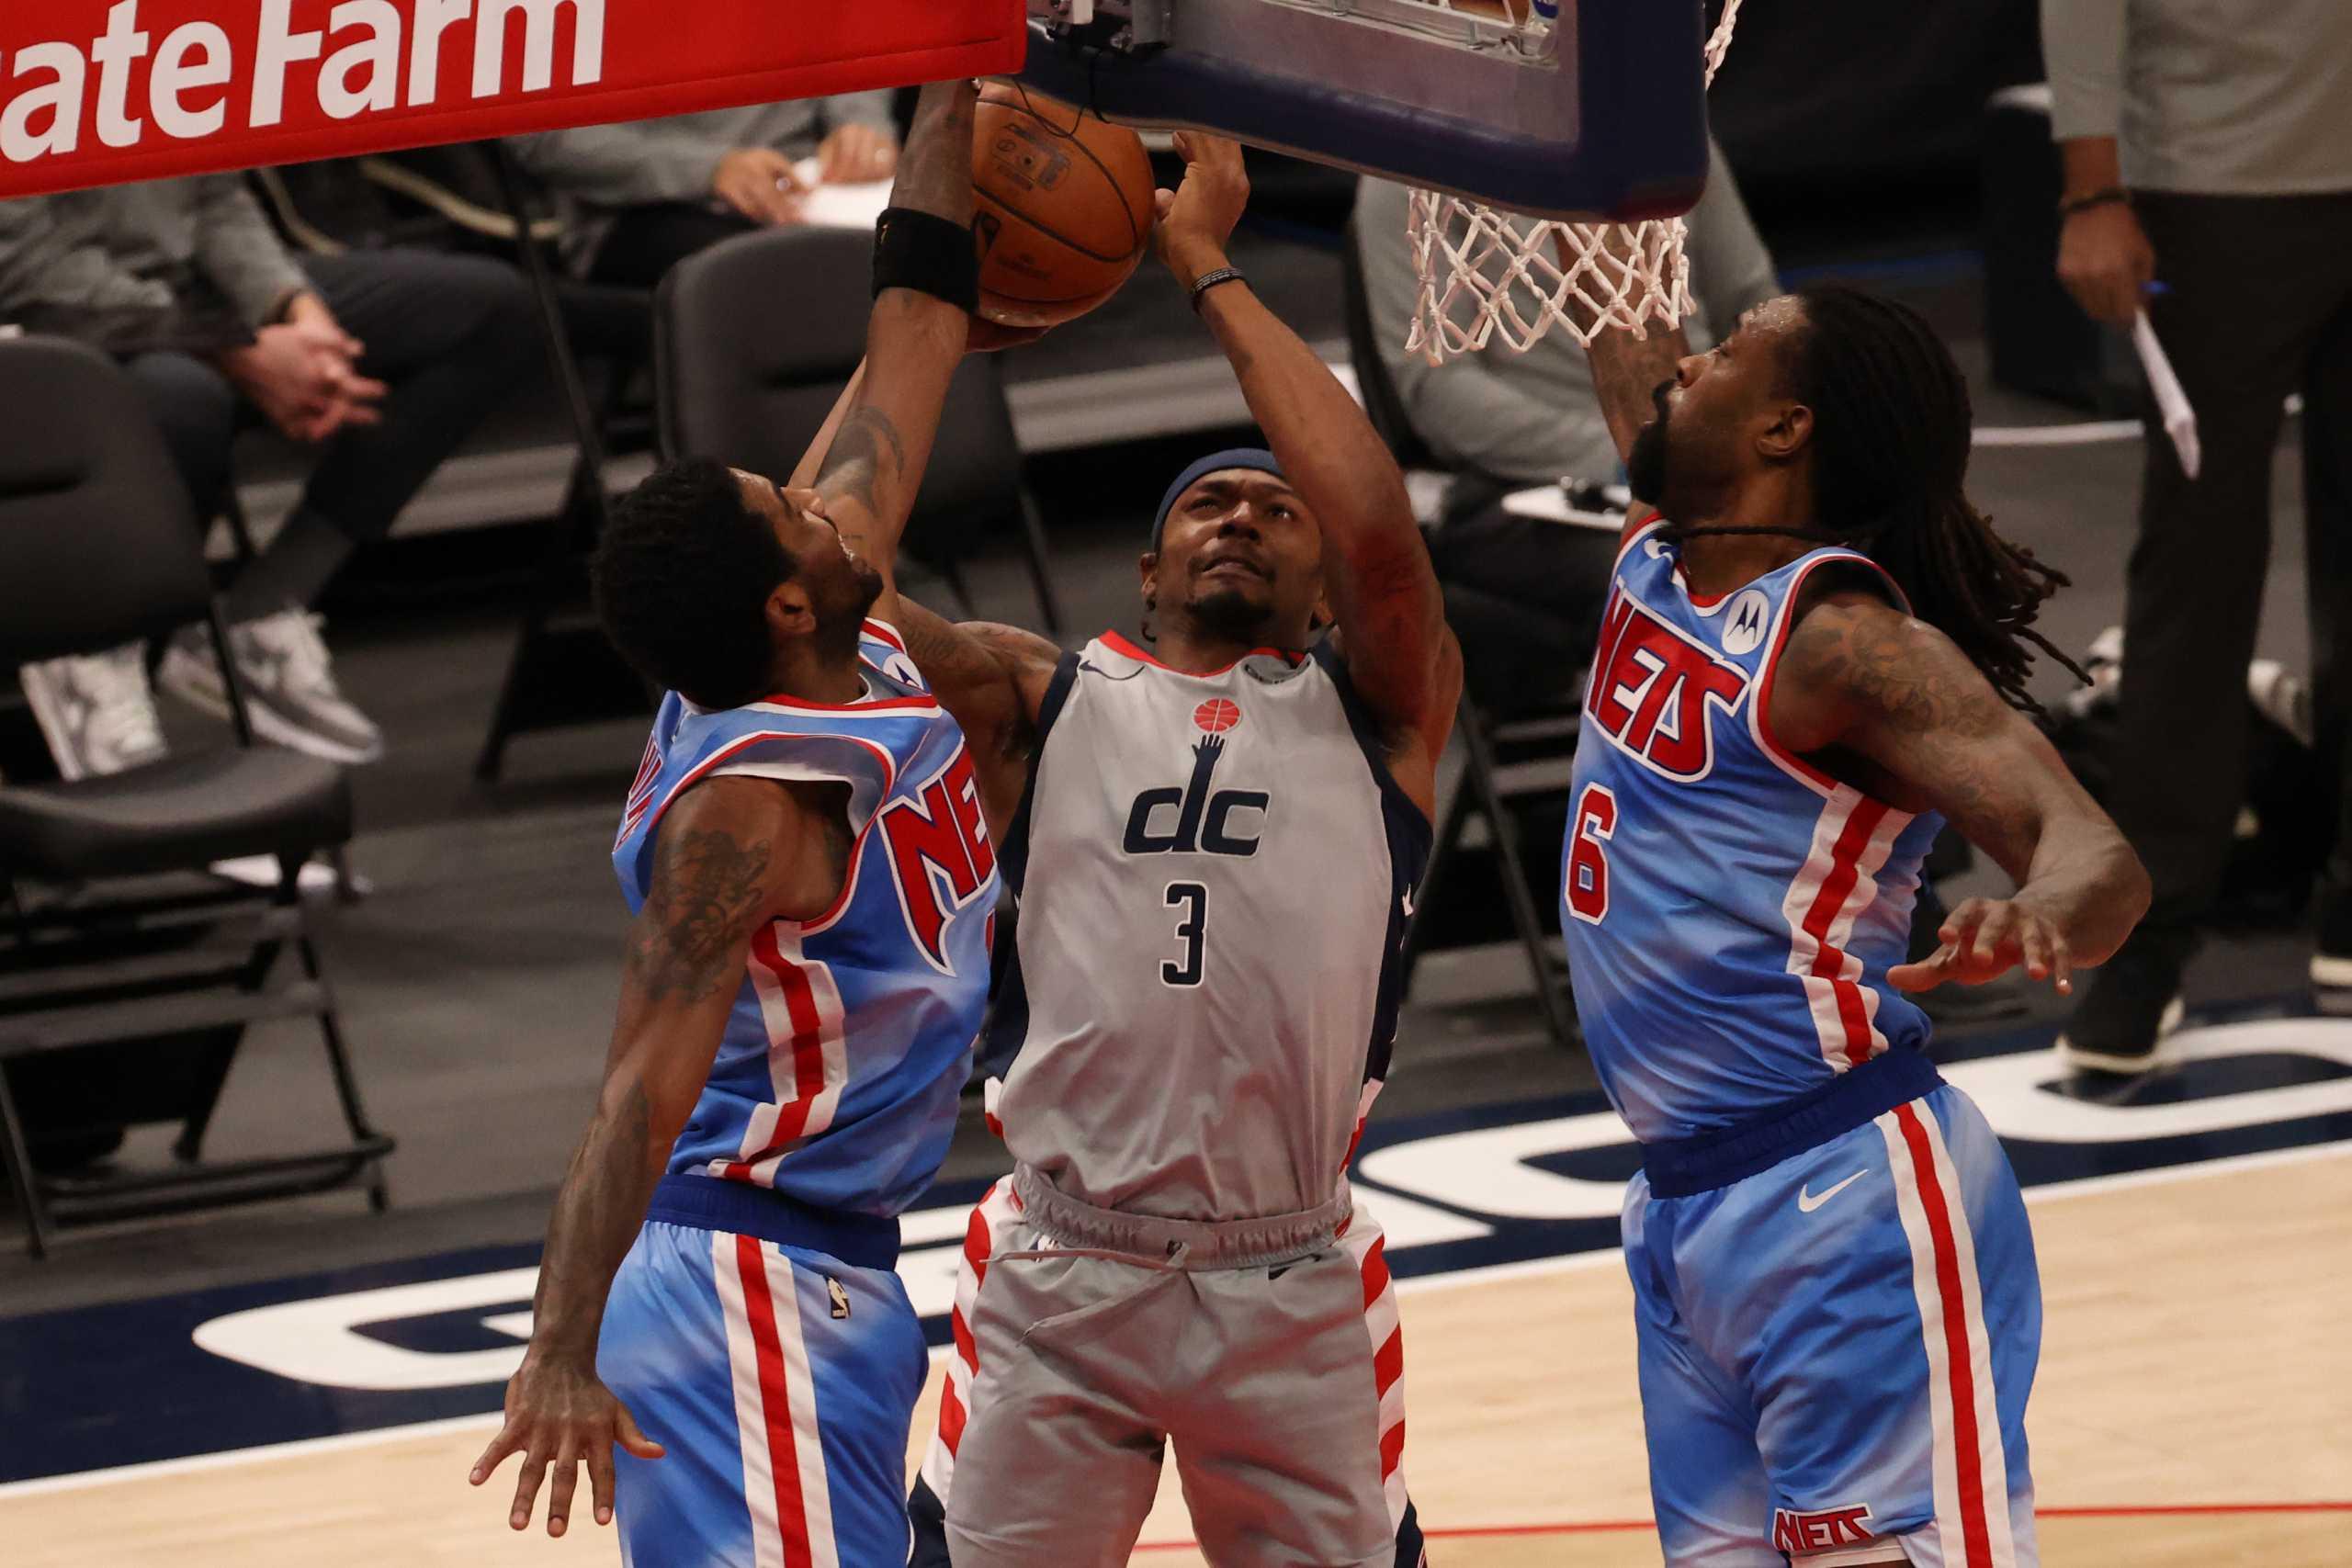 Σούπερ σταρ του NBA σκέφτεται την ανταλλαγή